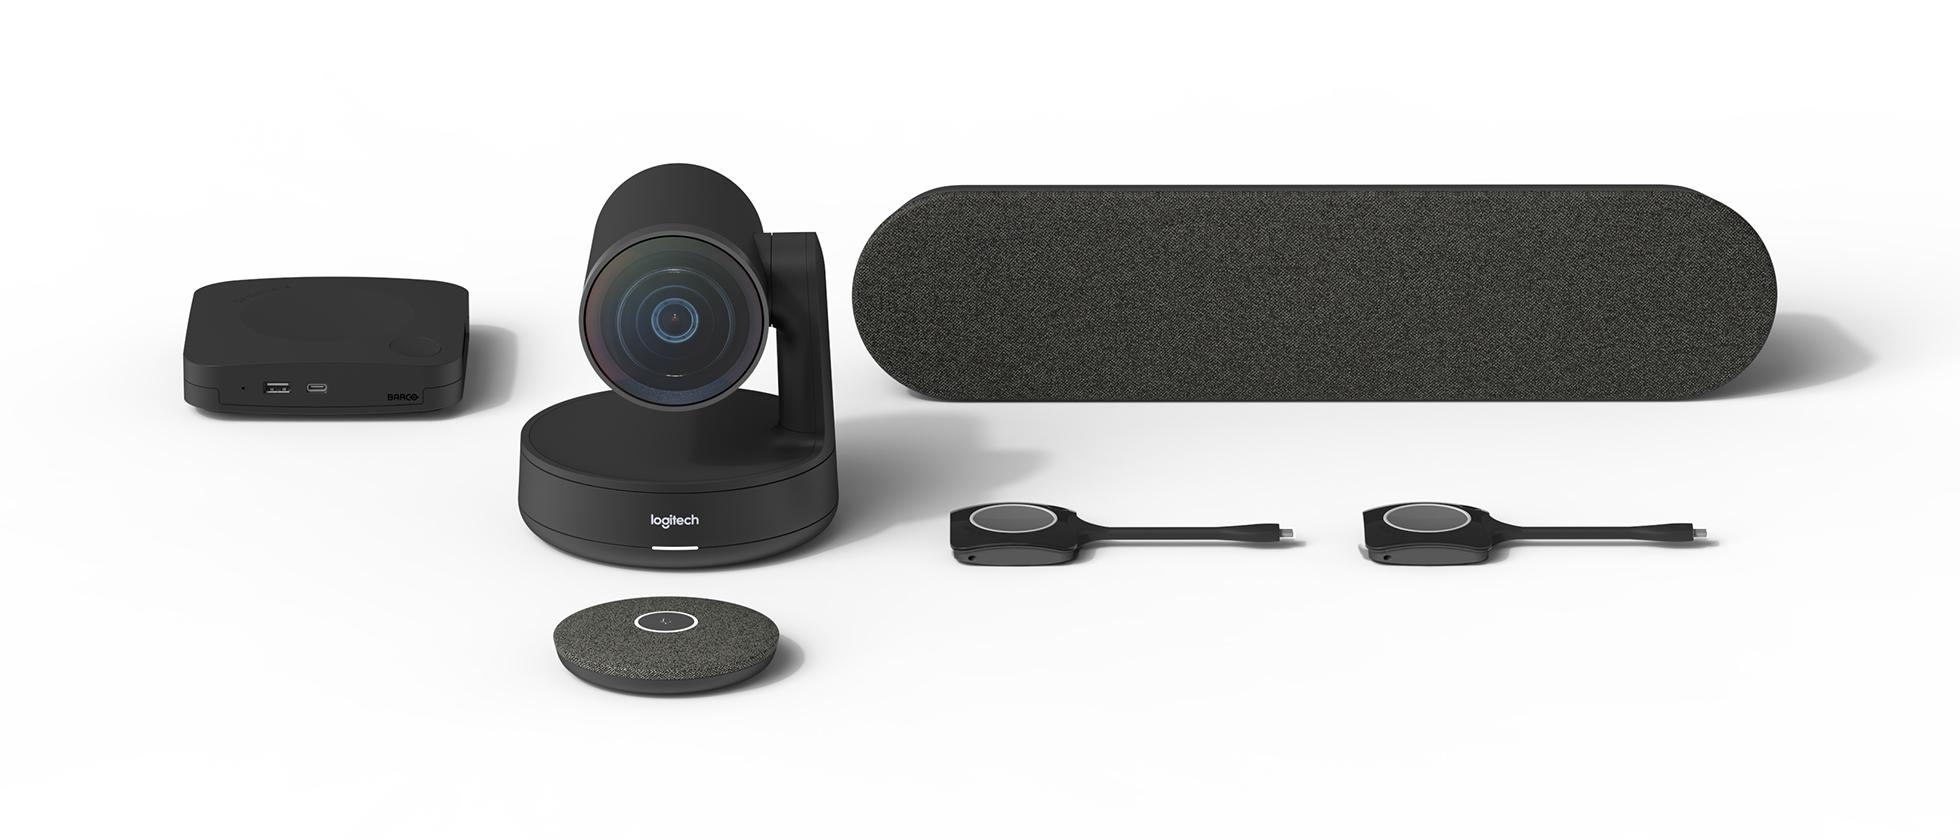 Комплект Medium для видеоконференций Barco + Logitech